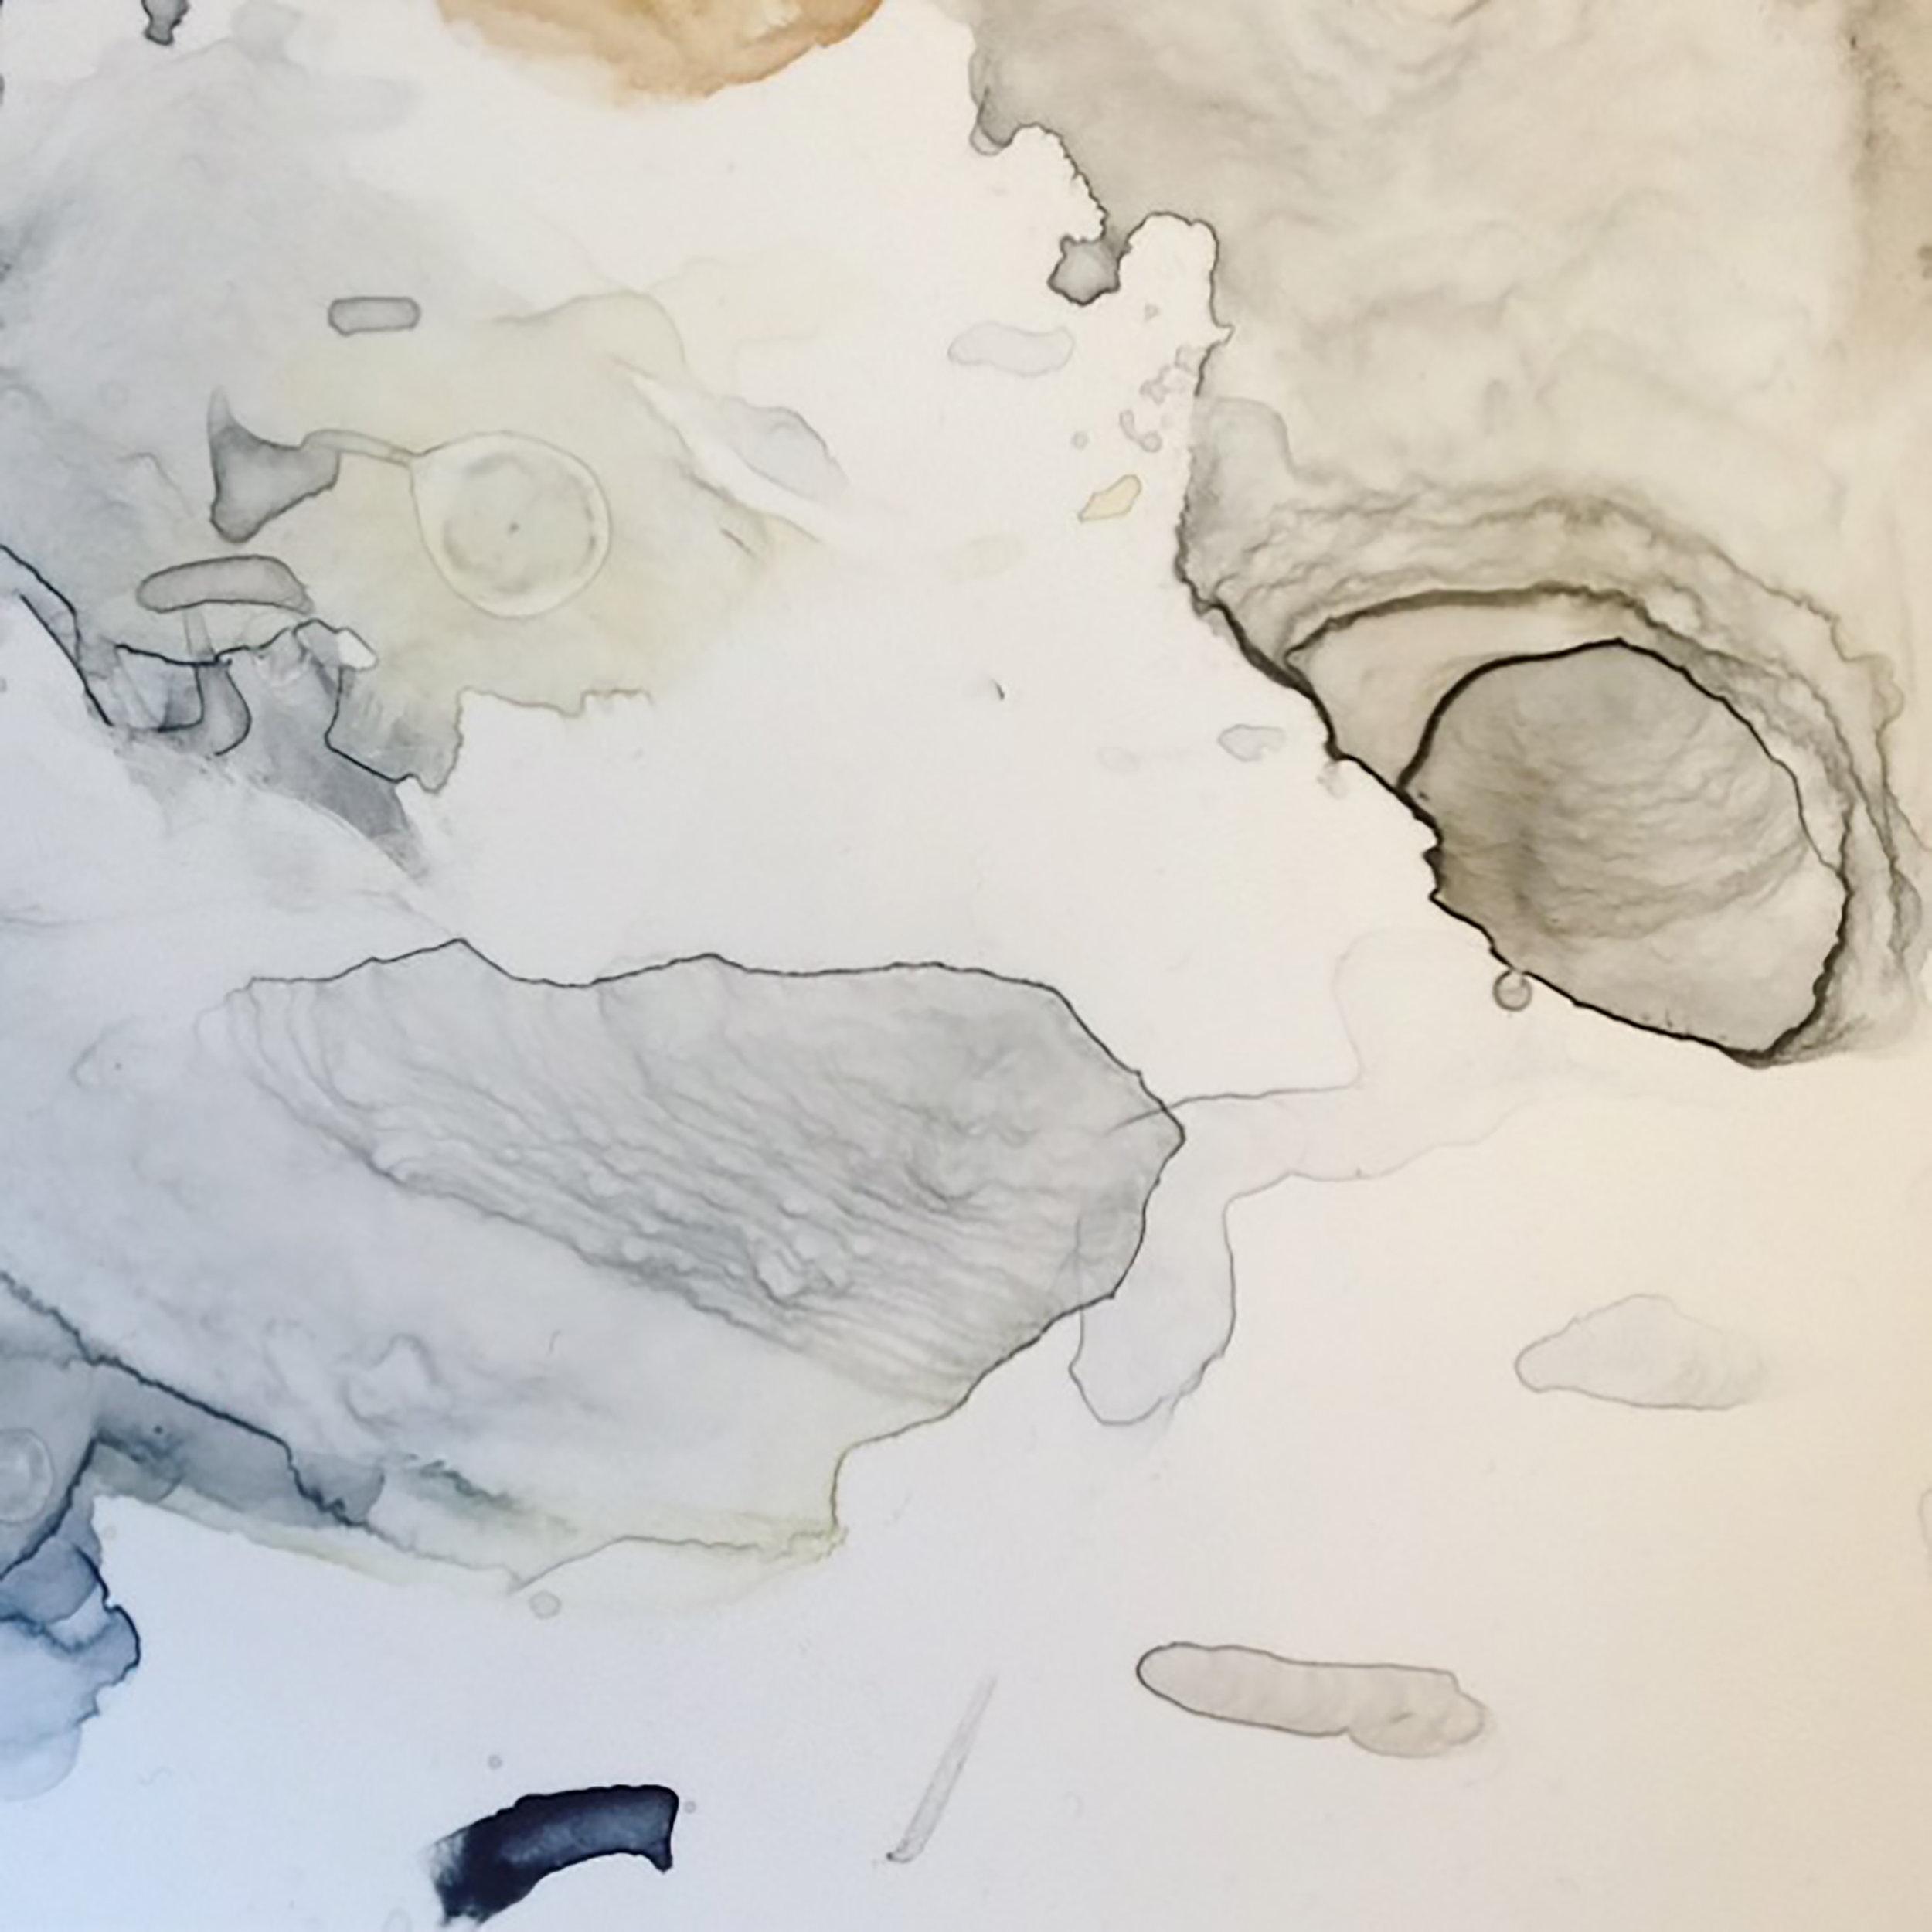 Watercolour mixing. Photo by Lindsay McDonagh